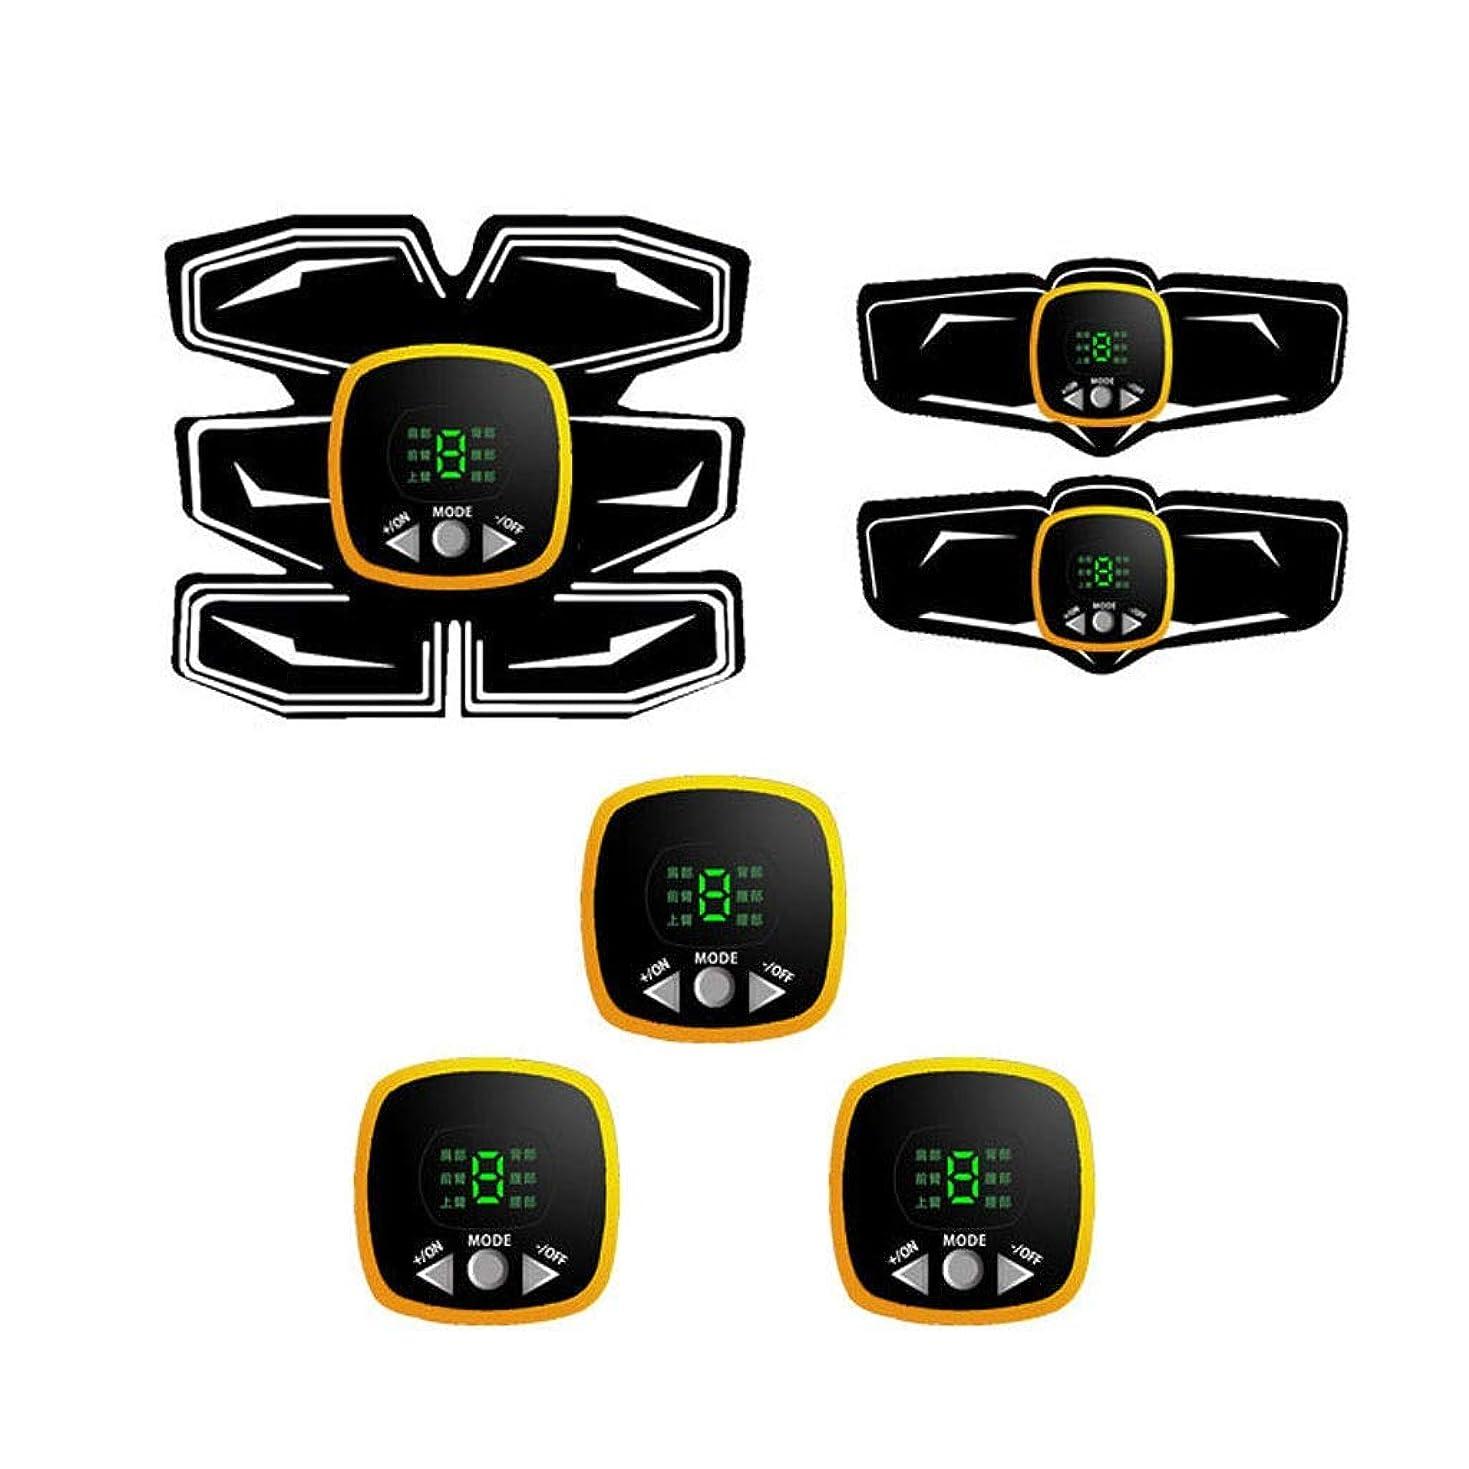 ハング誘惑するローズABSトレーナーEMS腹部電気マッスルスティミュレーターマッスルトナー調色ベルトフィットネストレーニングギアABSエクササイズマシンウエストトレーナーホームトレーニングフィットネス機器 (Color : Yellow)